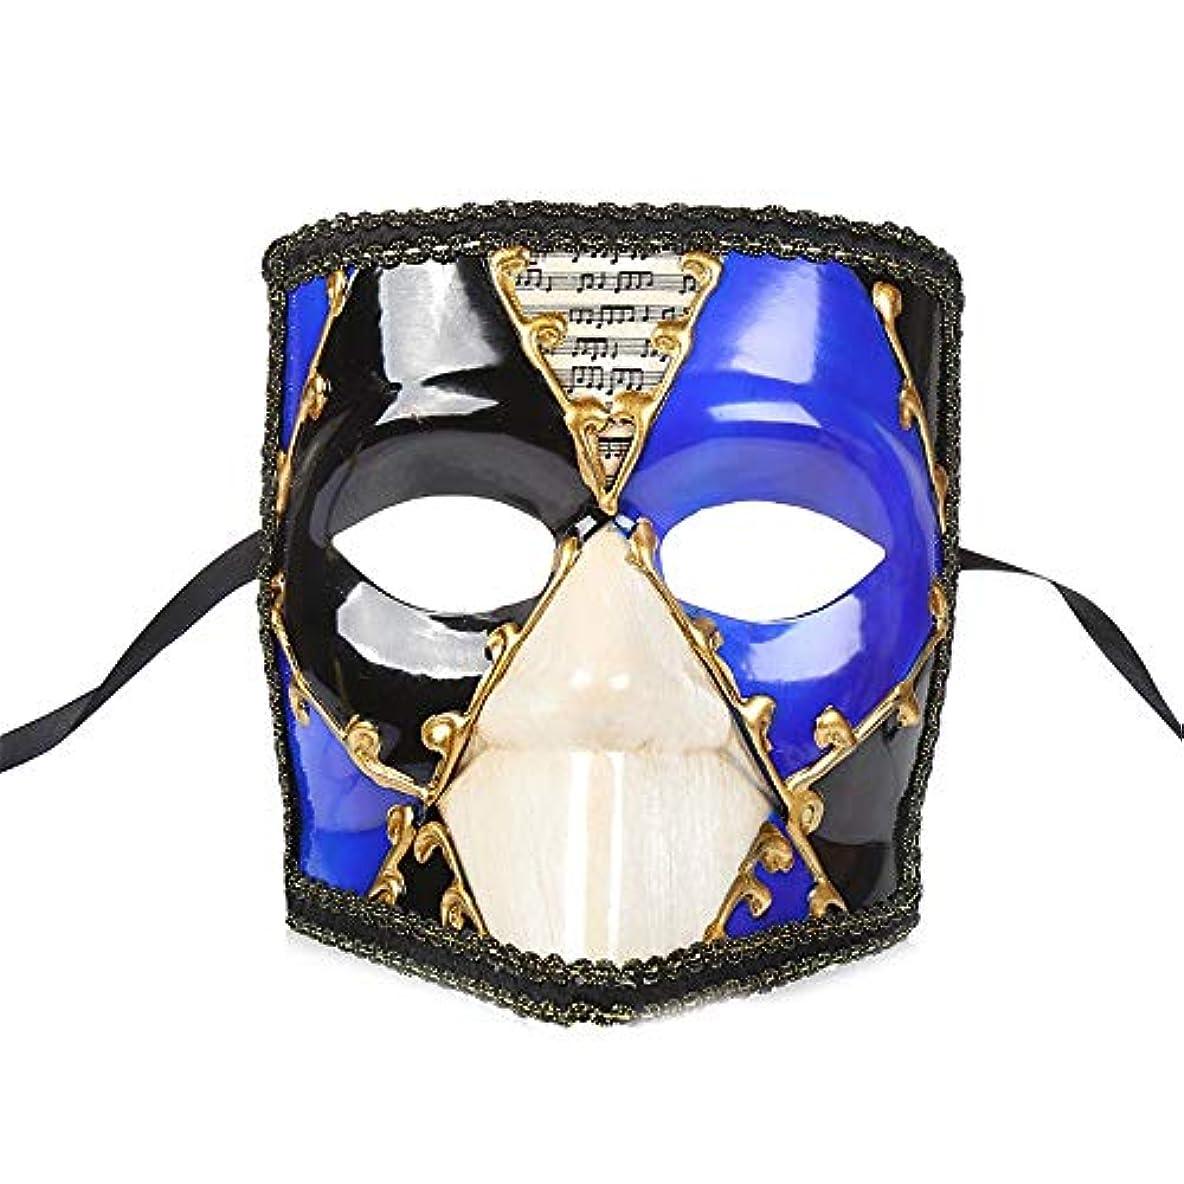 ターゲットテレビを見る恐ろしいですダンスマスク ピエロマスクヴィンテージマスカレードショーデコレーションコスプレナイトクラブプラスチック厚いマスク パーティーボールマスク (色 : 青, サイズ : 18x15cm)